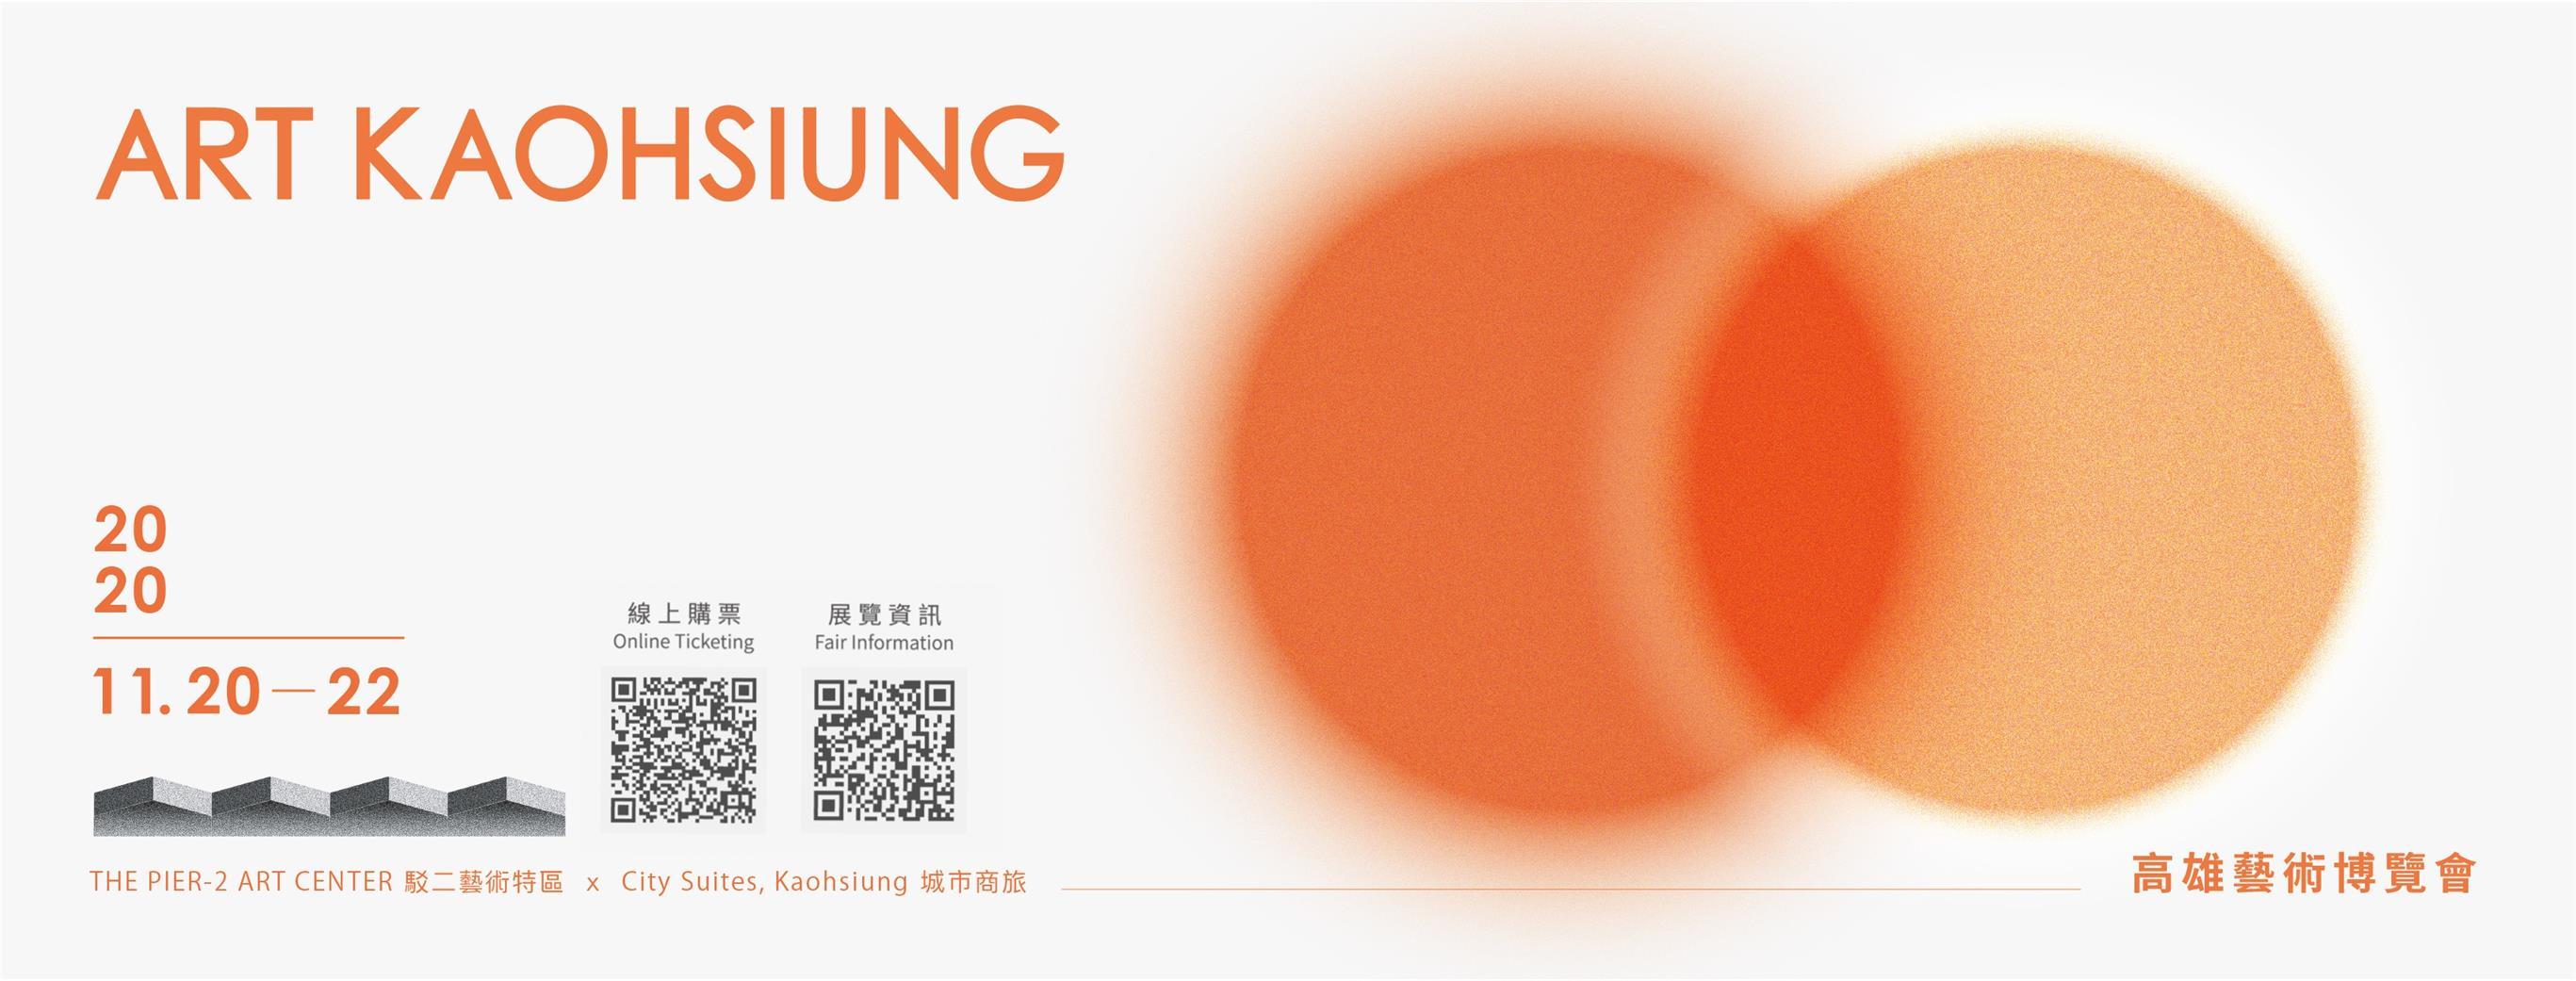 2020 ART KAOHSIUNG 高雄藝術博覽會